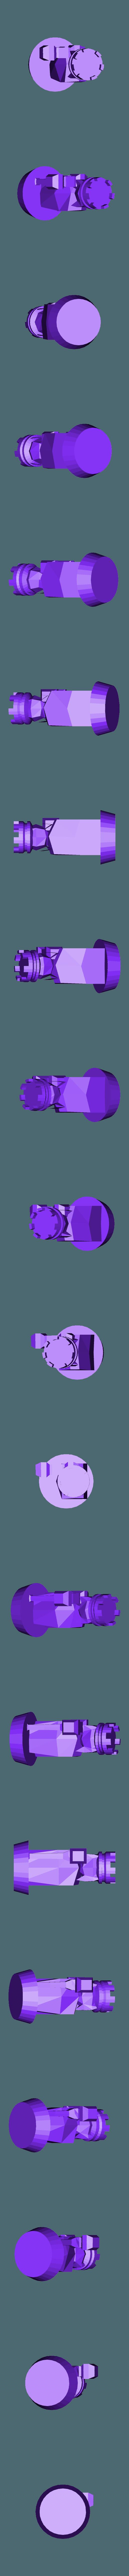 _King.stl Télécharger fichier STL gratuit Pièces d'échecs humaines personnalisées de fantaisie • Design pour imprimante 3D, virgilius1995